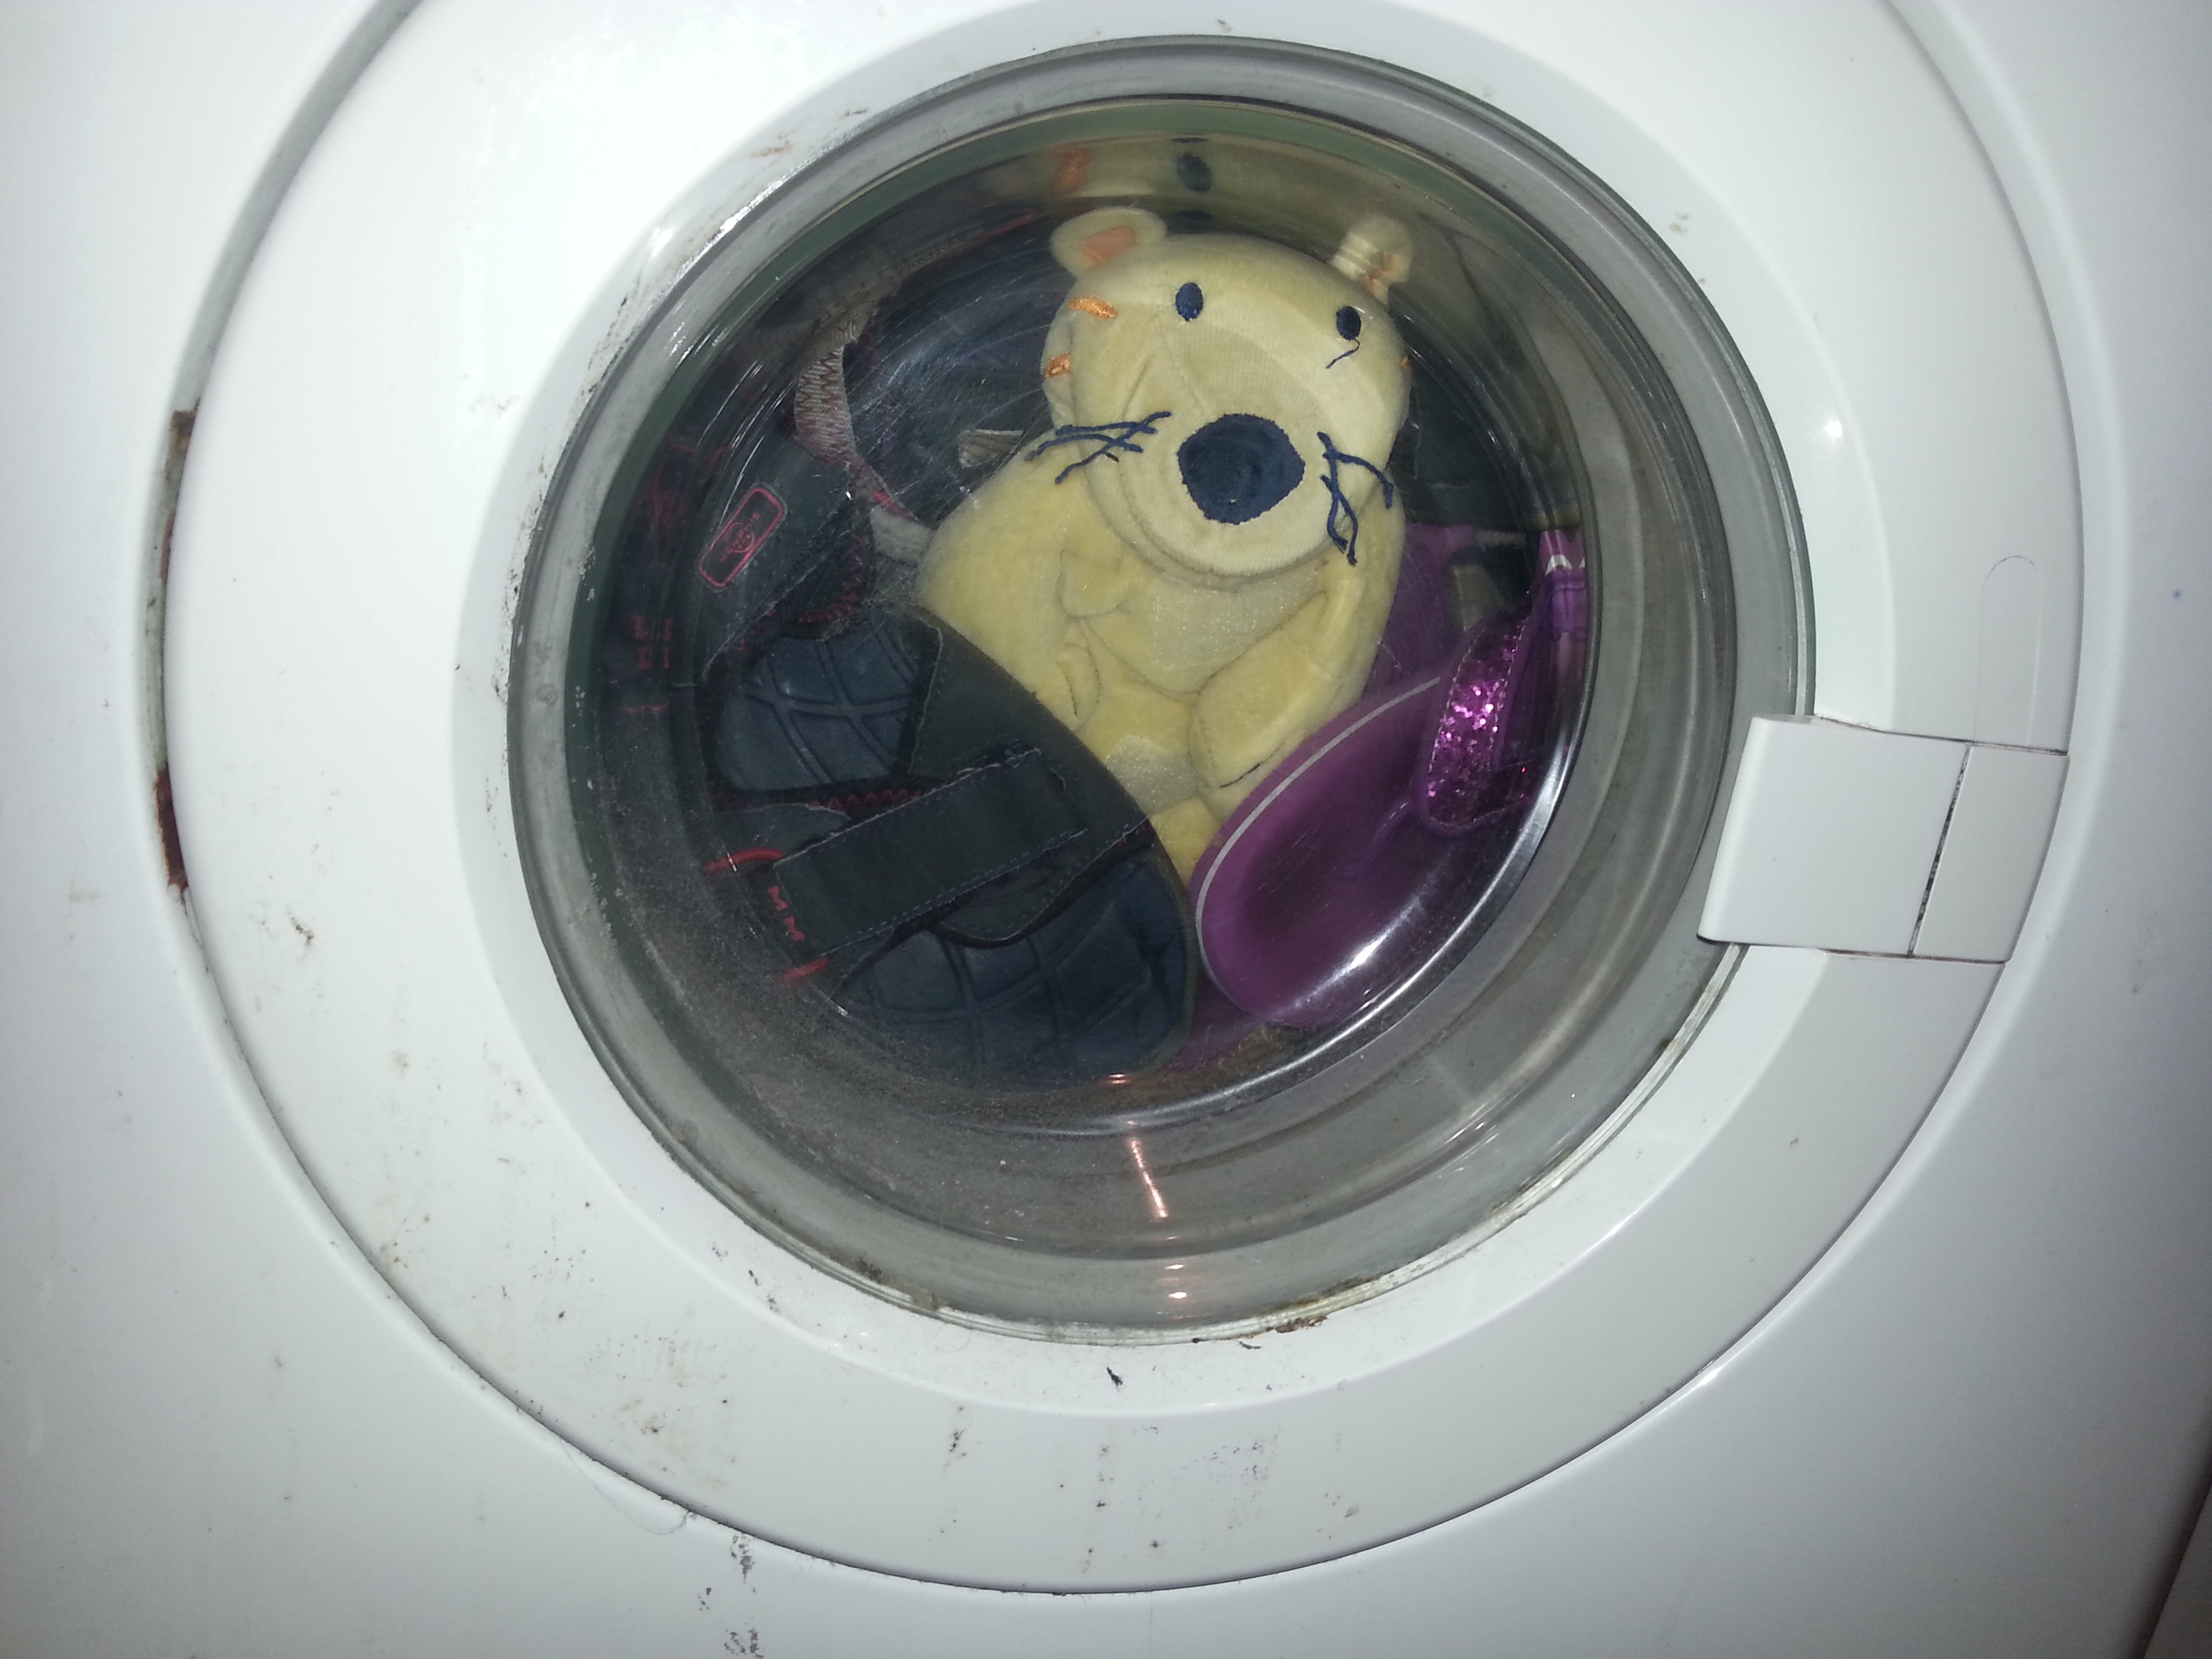 wie voll kann man eine waschmaschine machen schuhe wasser waschen. Black Bedroom Furniture Sets. Home Design Ideas